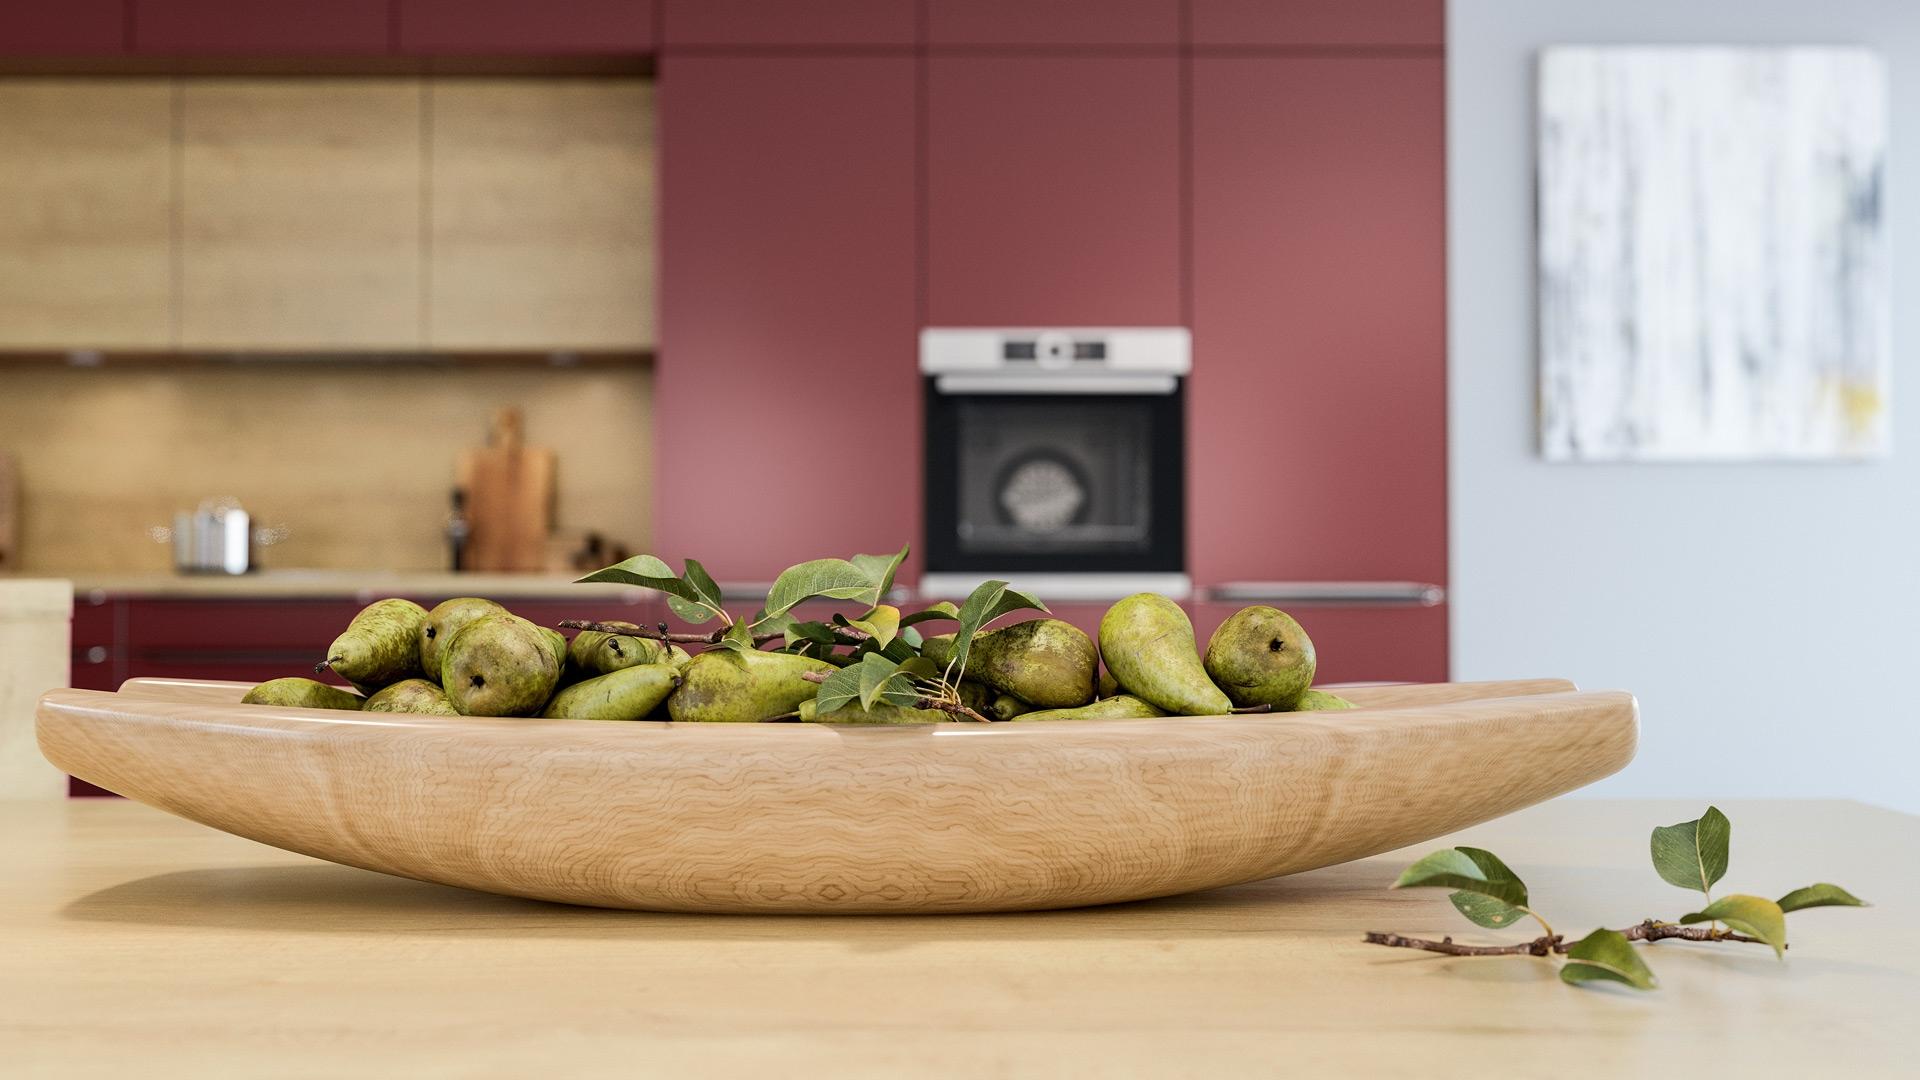 Дерево на кухне.jpg